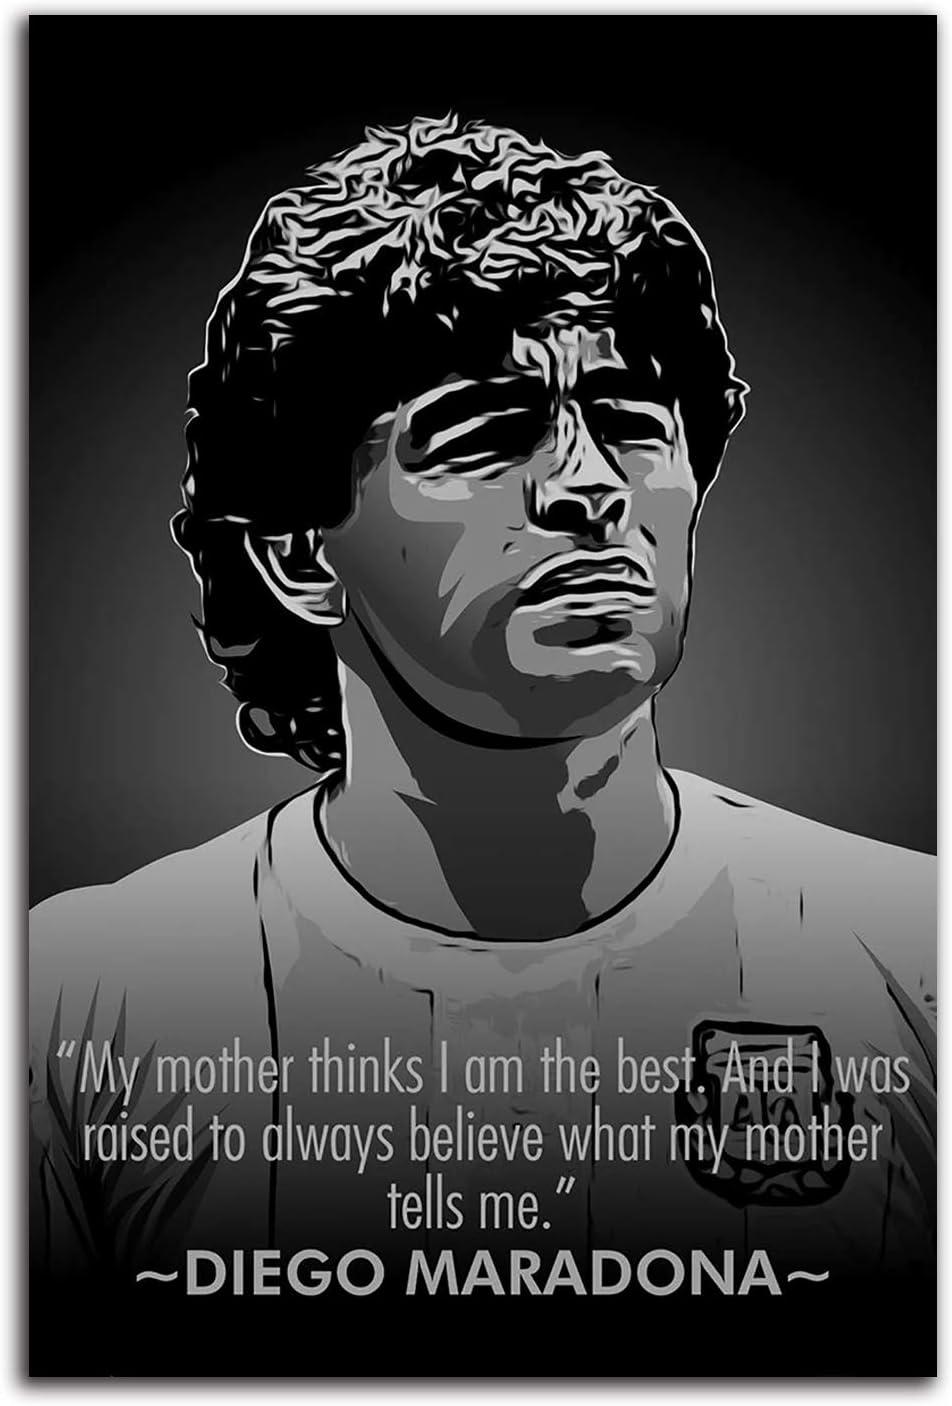 ARYAGO Diego Maradona - Cuadro artístico (40,6 x 60,9 cm), diseño de jugador de fútbol argentino La mano de Dios